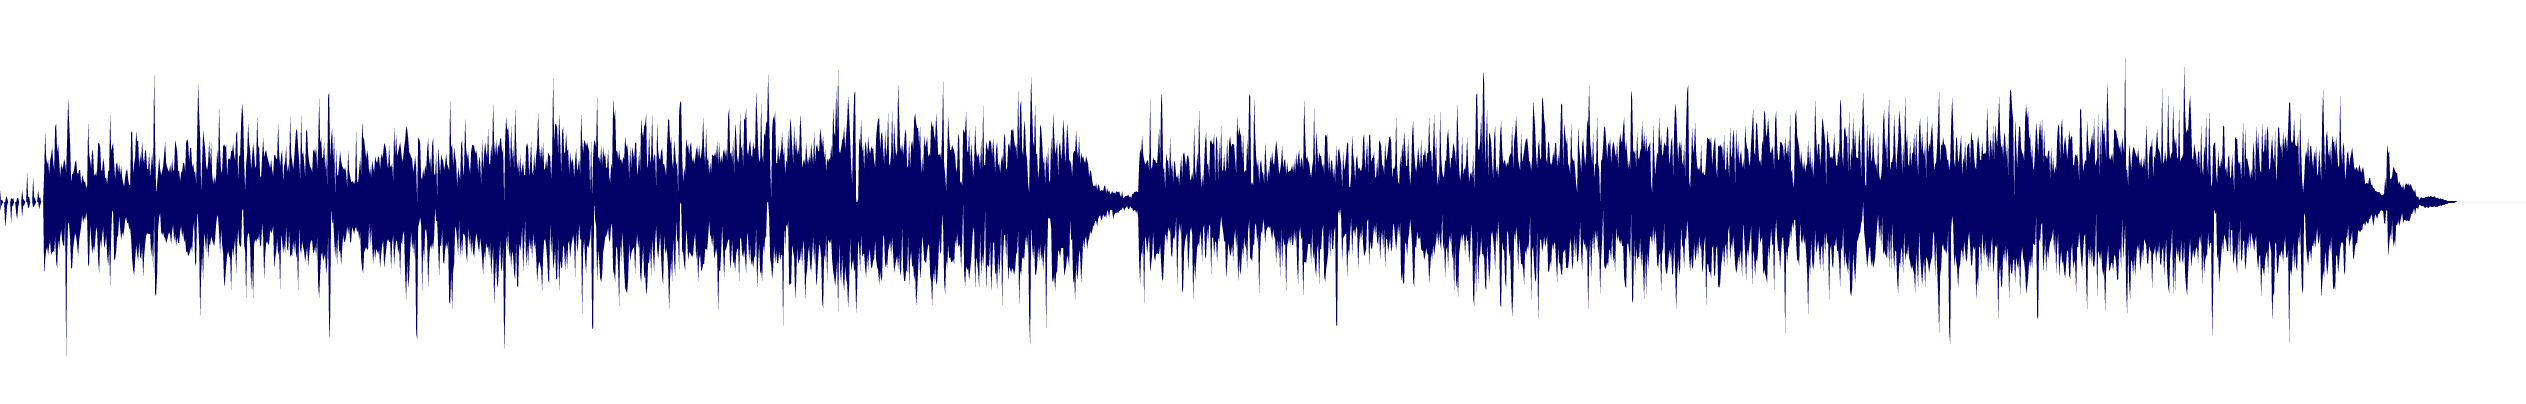 waveform of track #99456